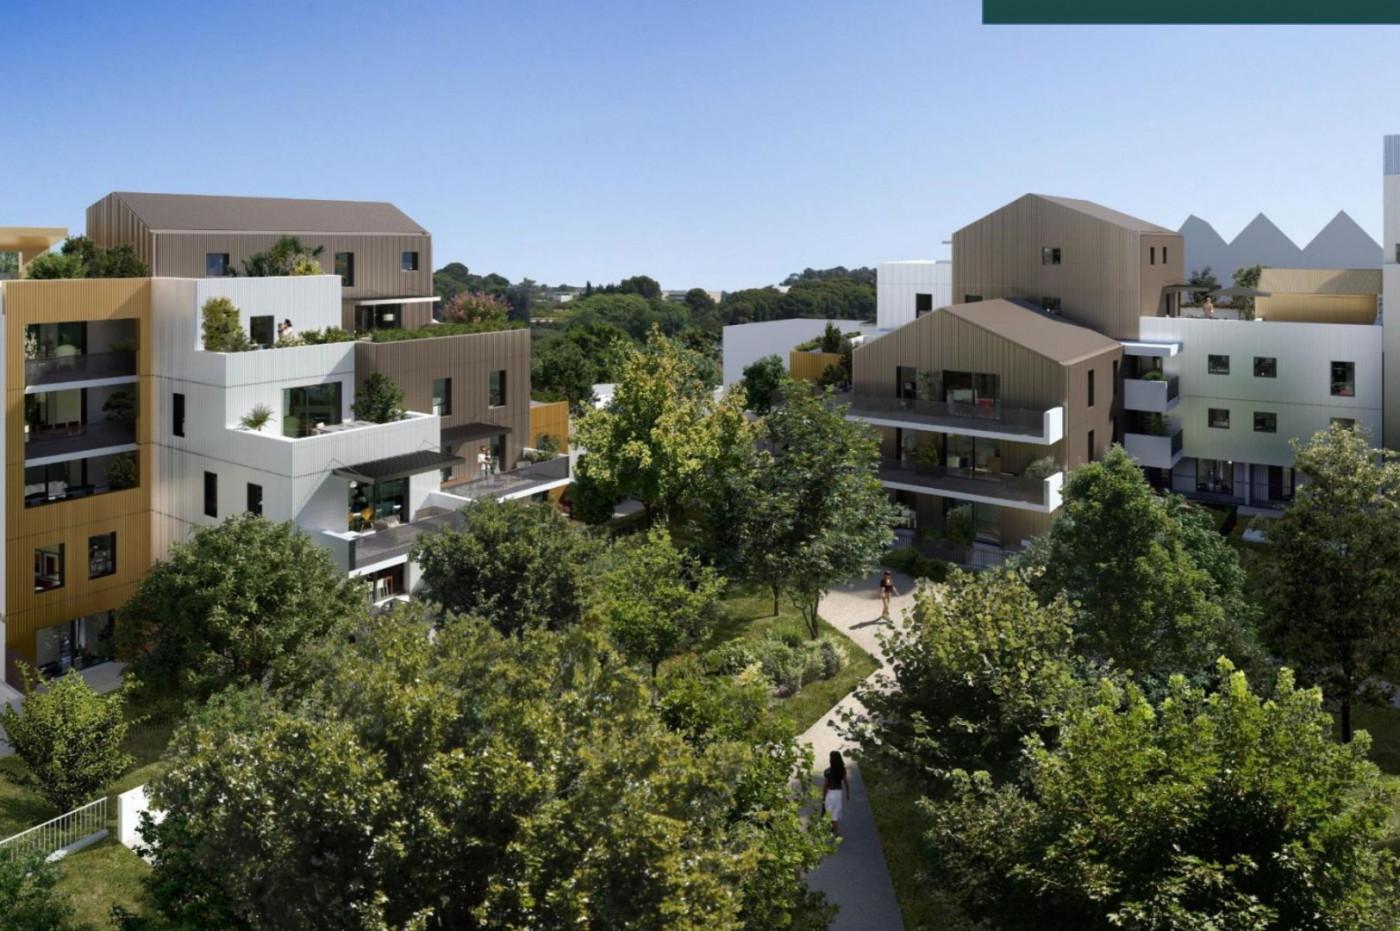 A vendre  Montpellier   Réf 34488725 - Domis